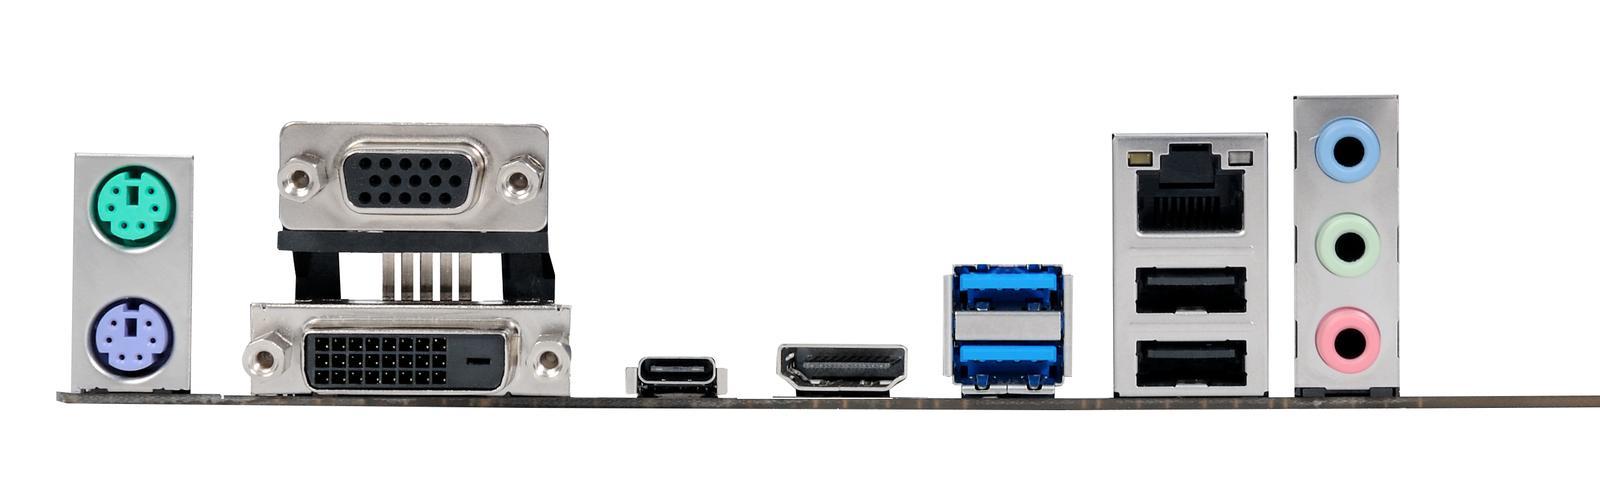 Asus PRIME B250M-A Micro ATX LGA 1151